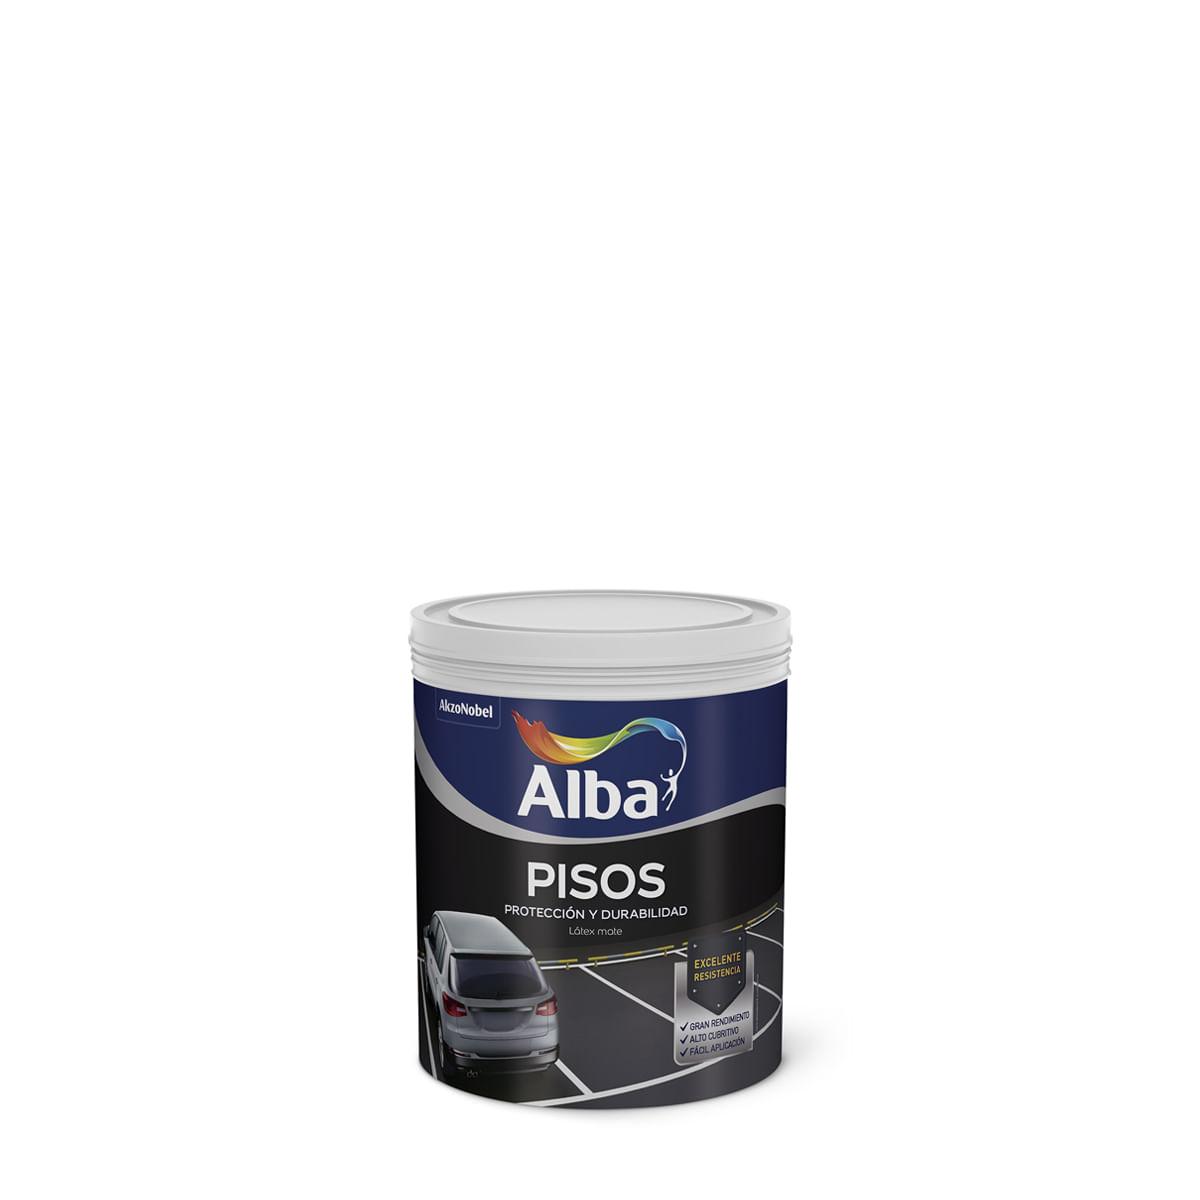 alba-latex-pisos